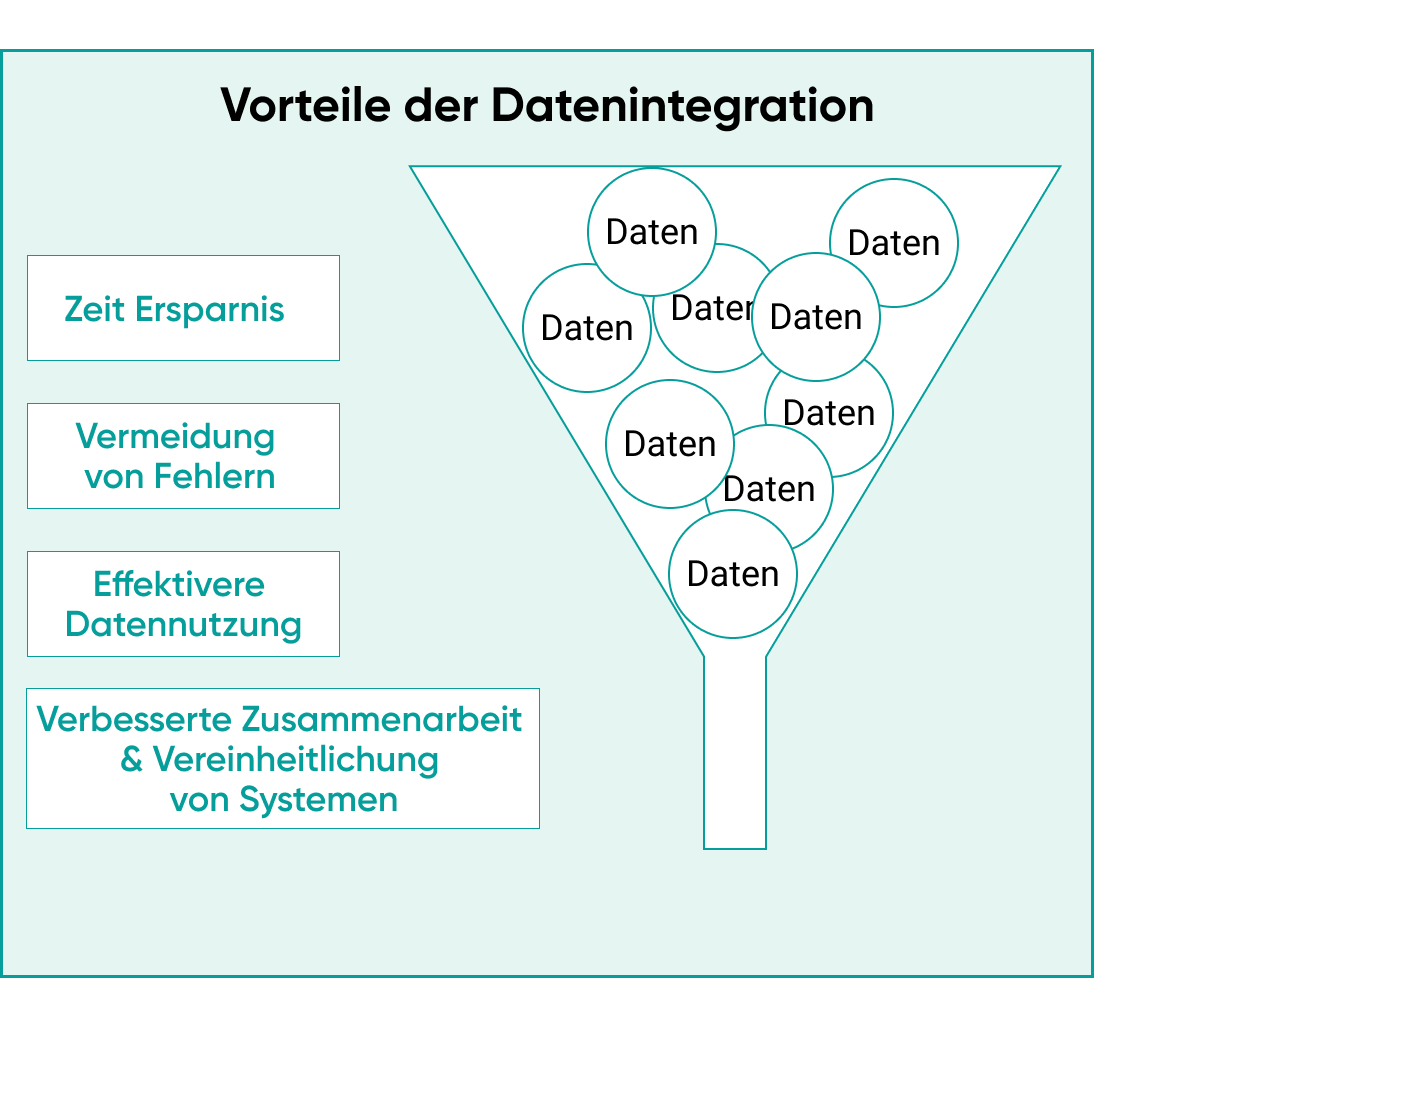 Vorteile der Datenintegration